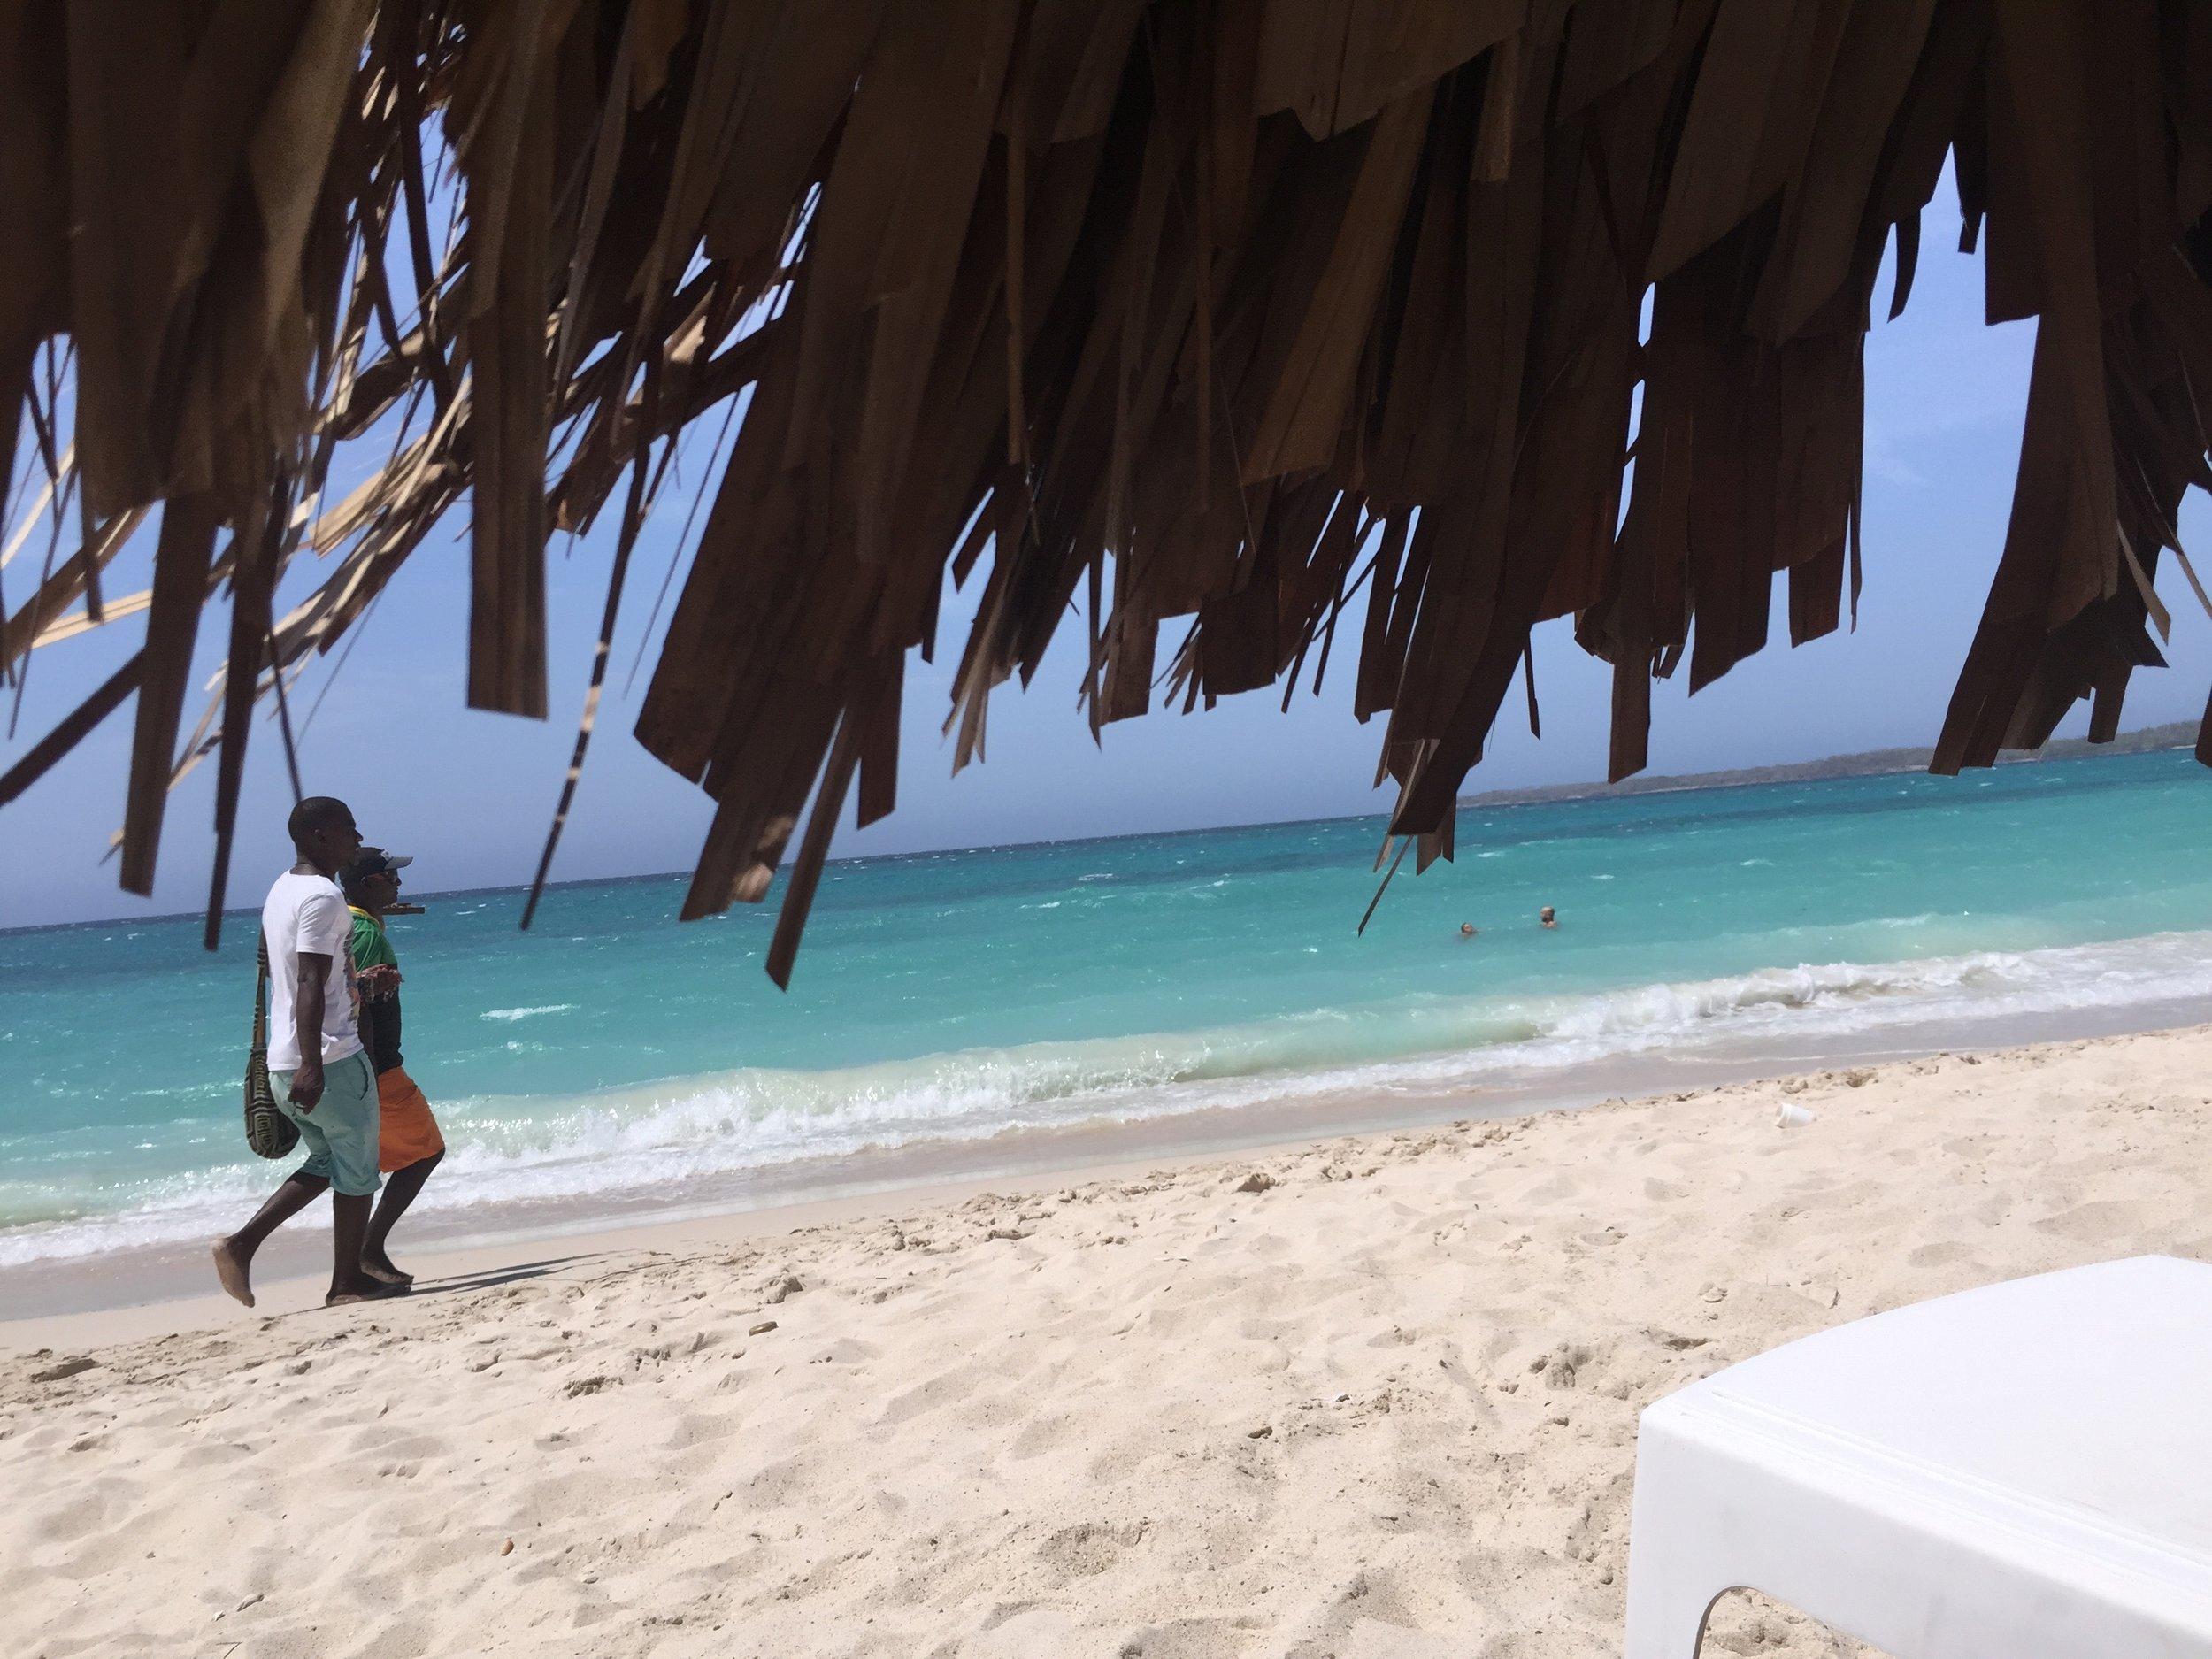 playa-grande-colombia.jpg